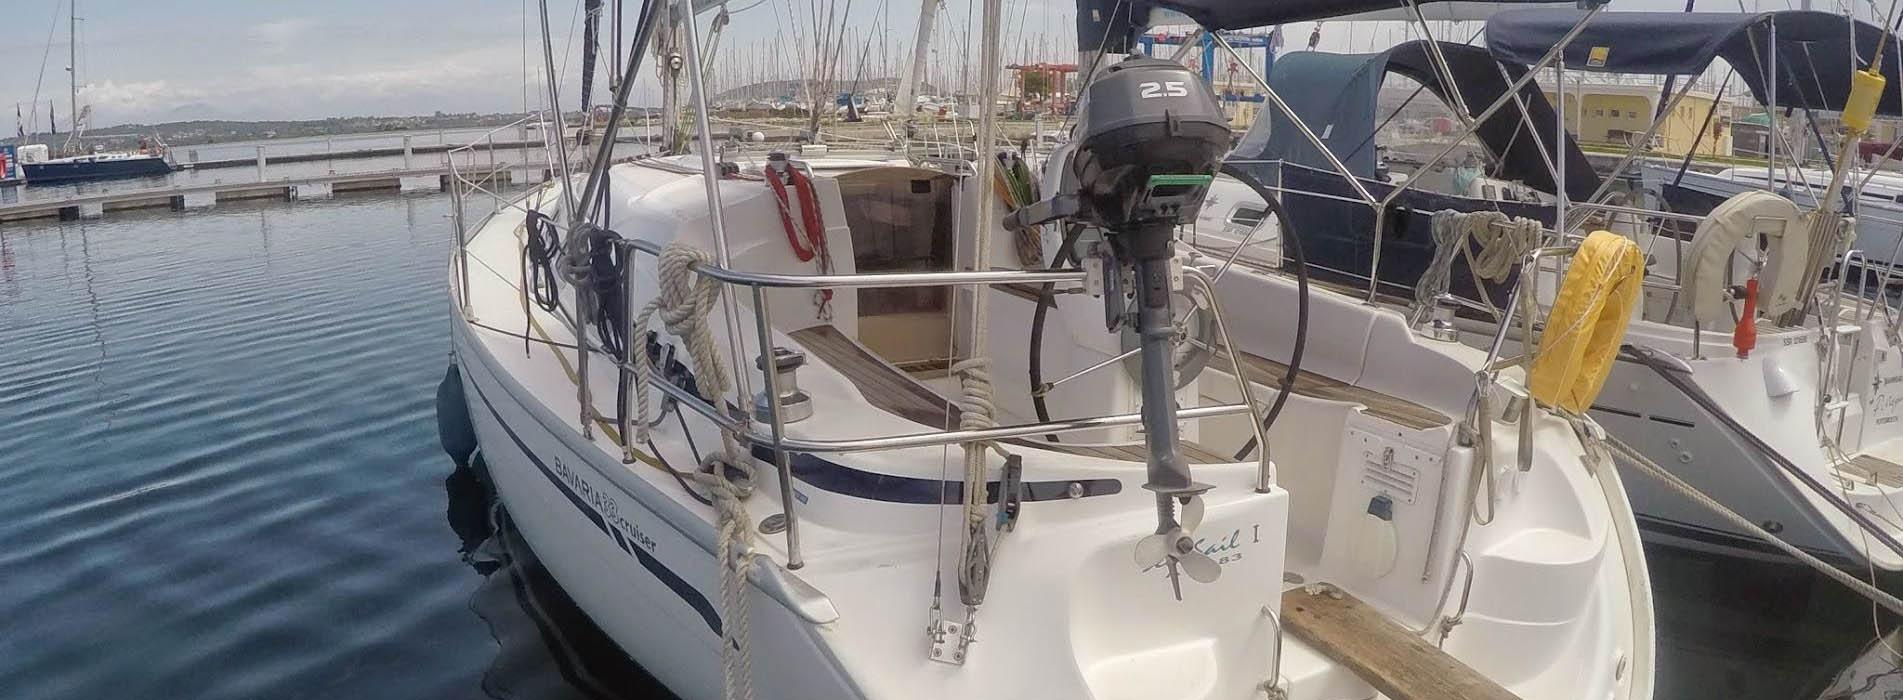 Bavaria 33 - Sea Sail 1 1 (main)